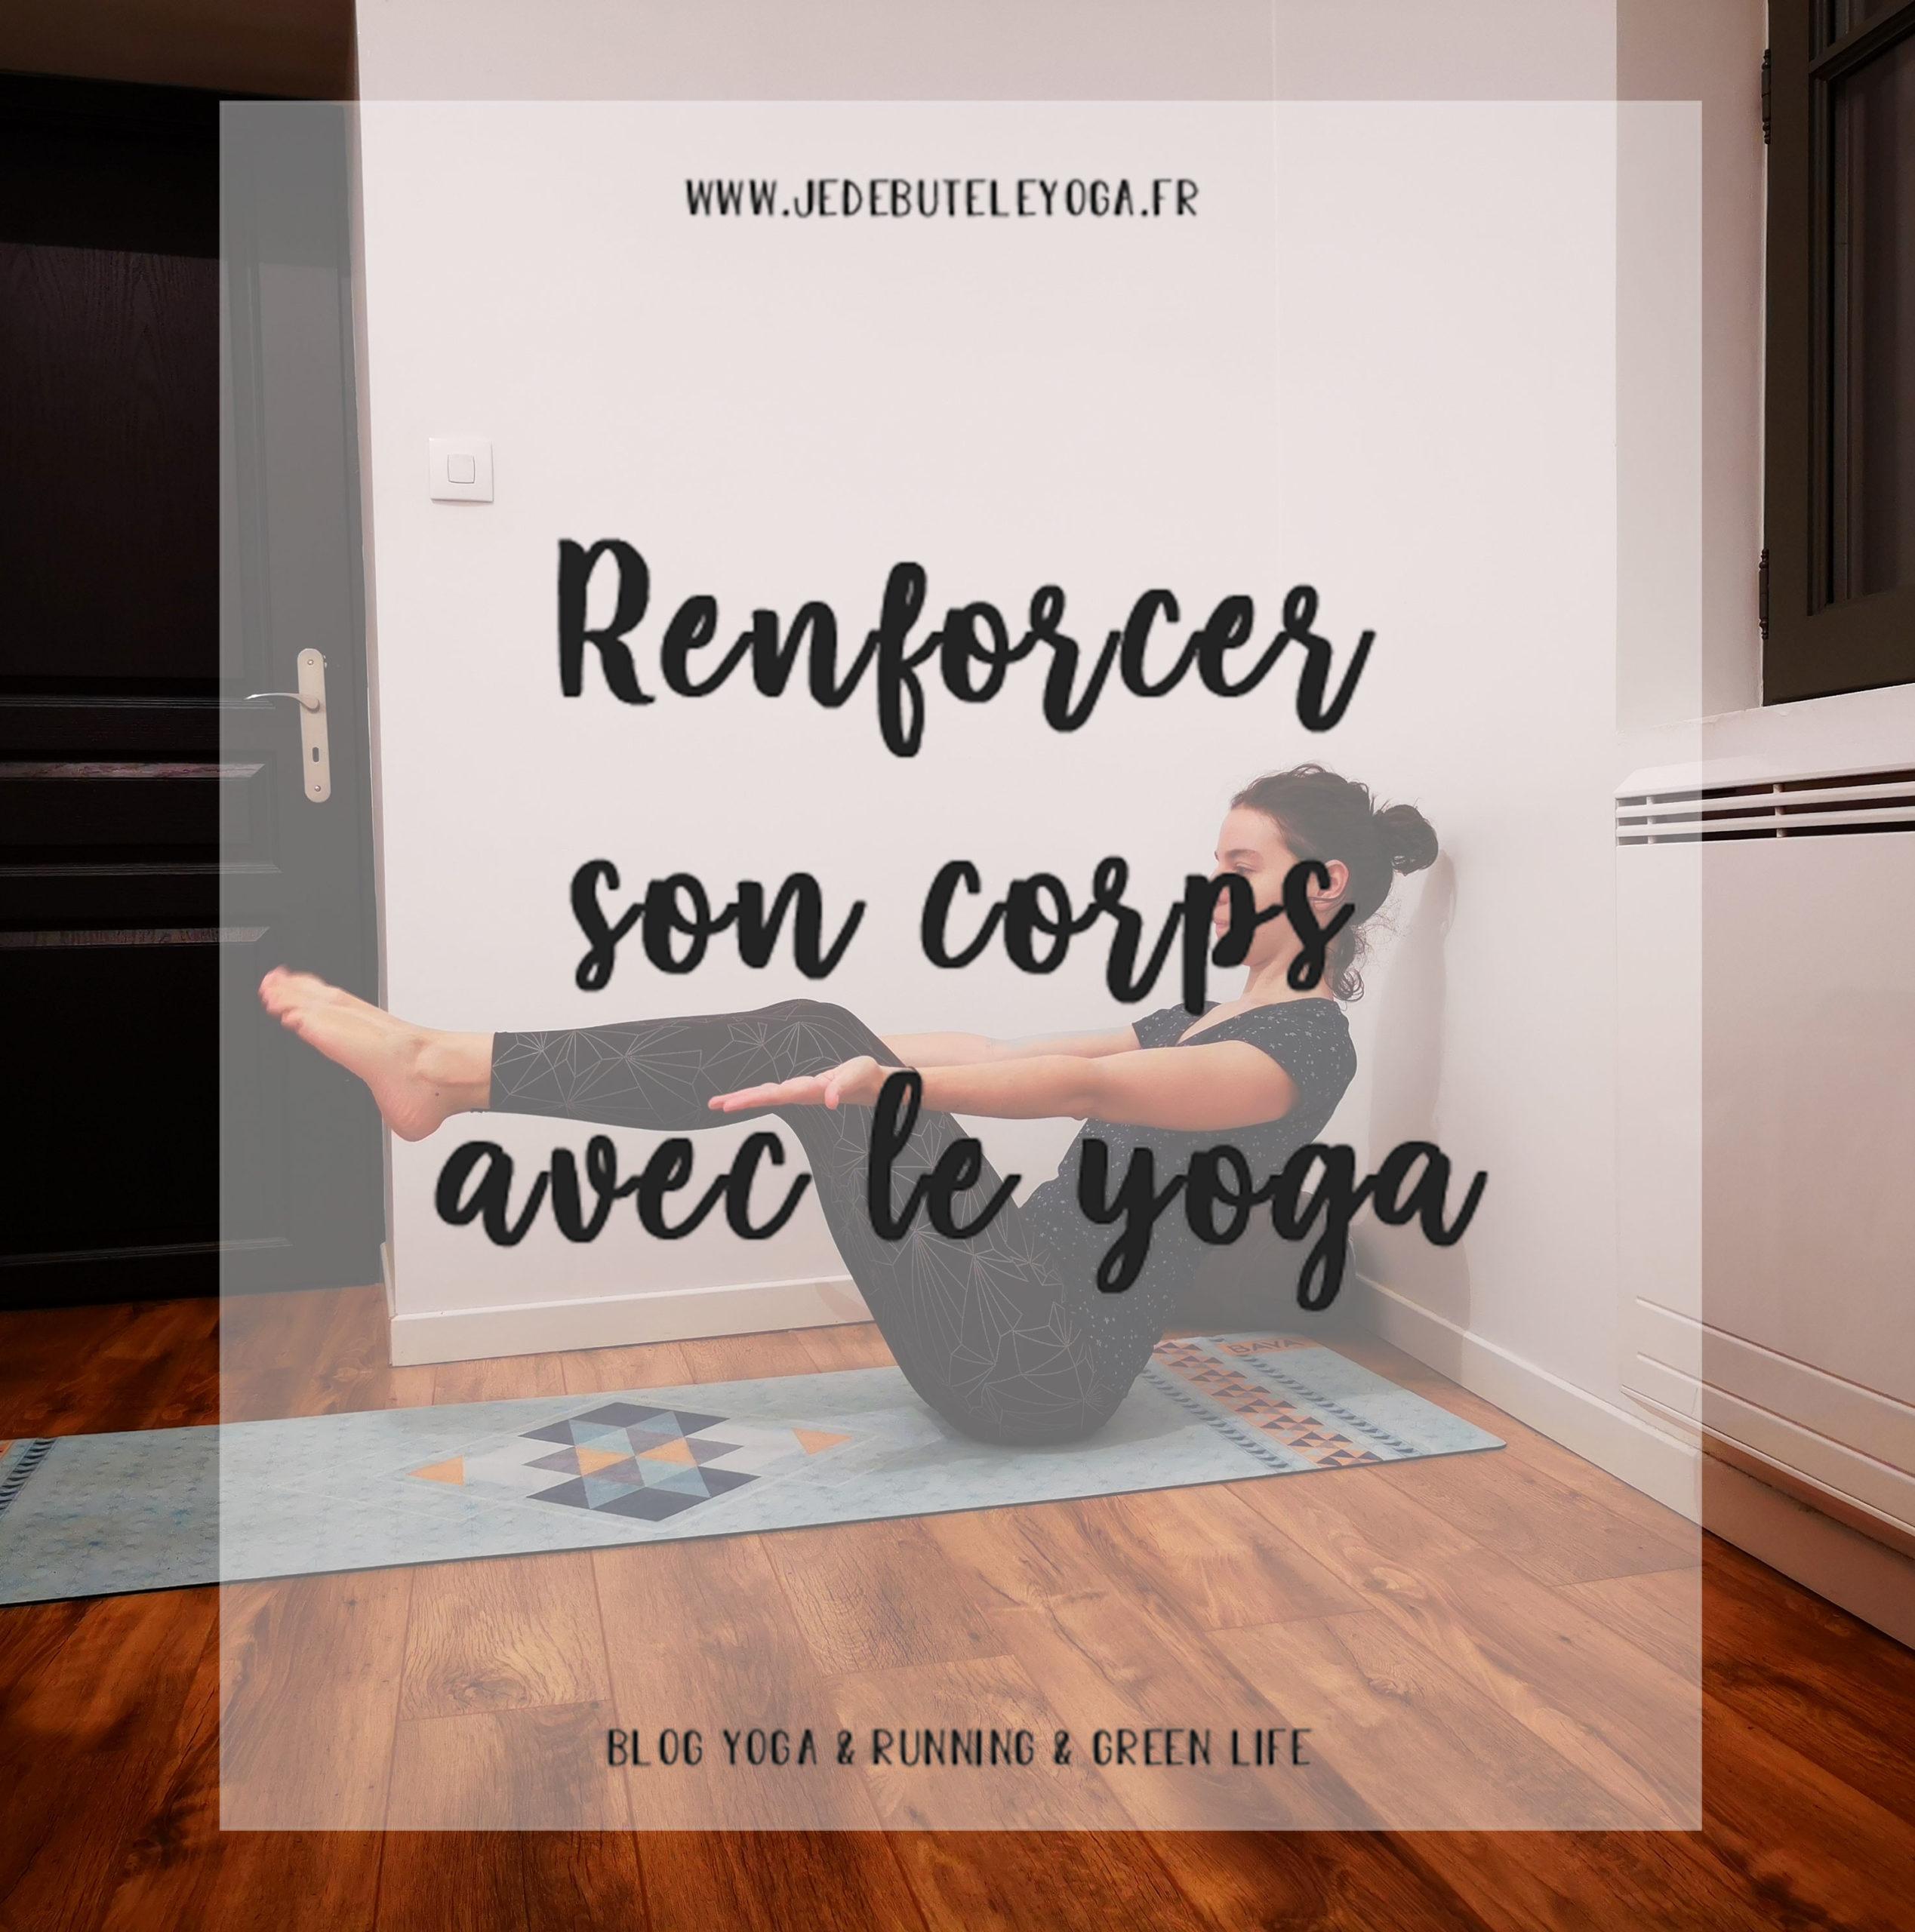 Renforcer son corps avec le yoga